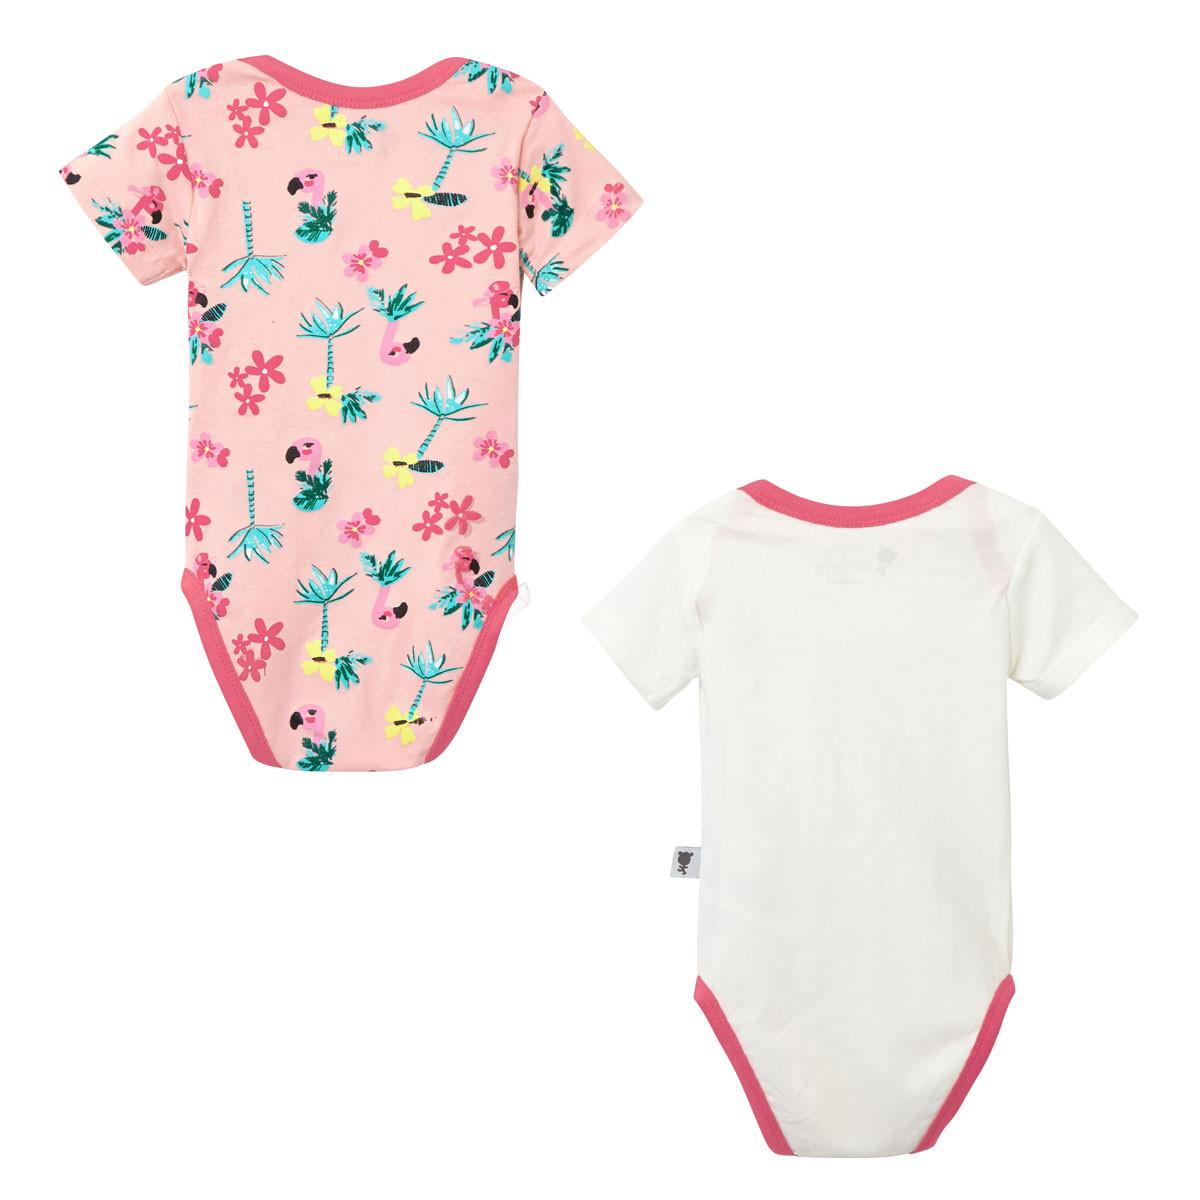 Lot de 2 bodies manches courtes bébé fille Miss Pinky dos